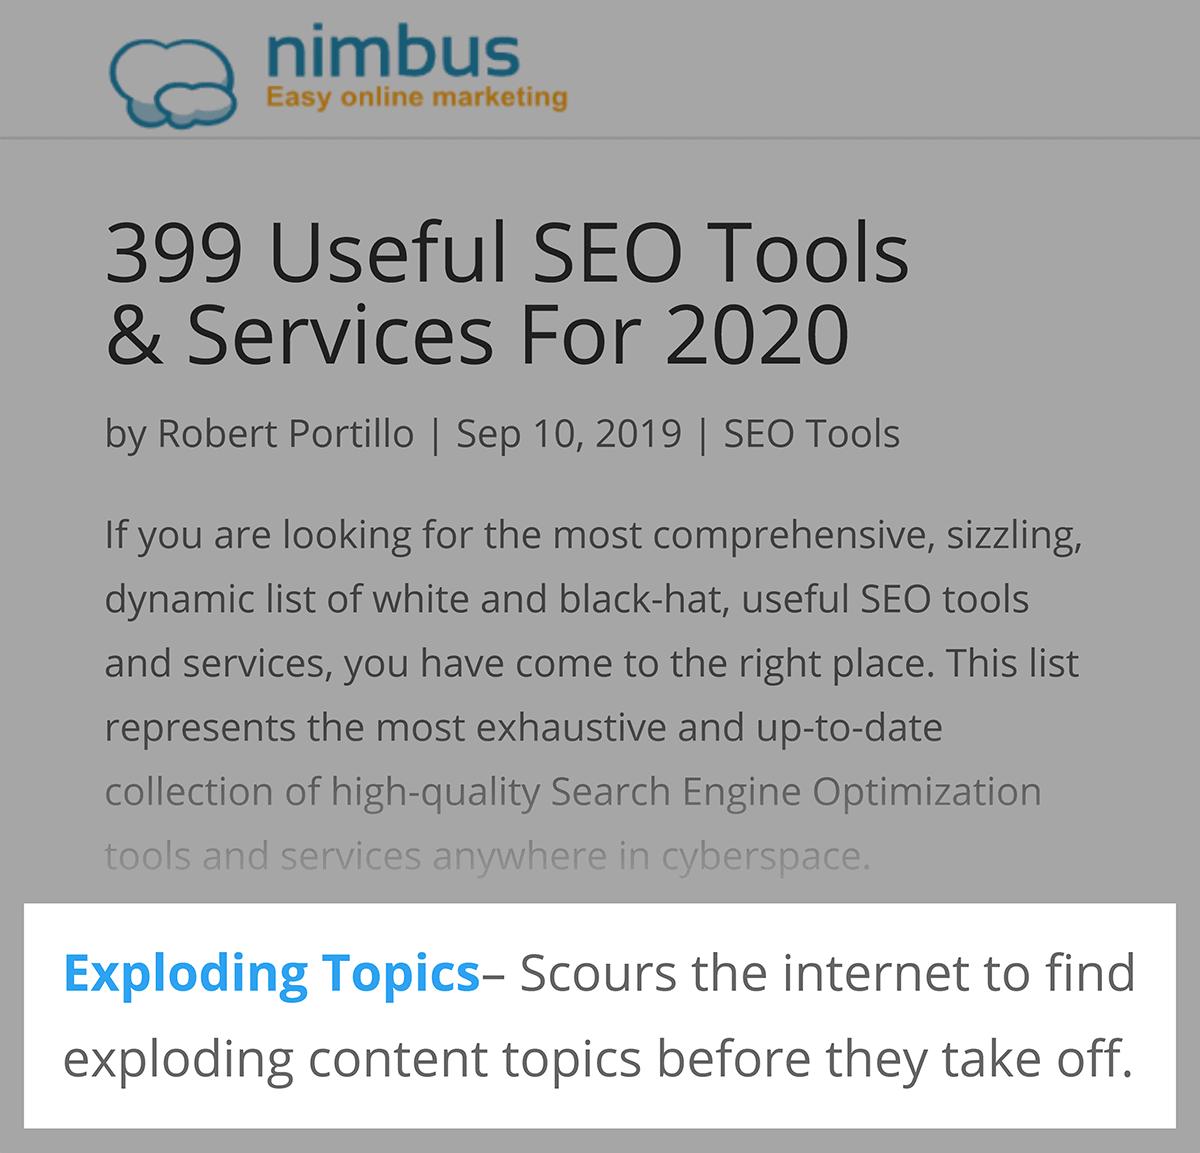 Exploding Topics – Nimbus backlink